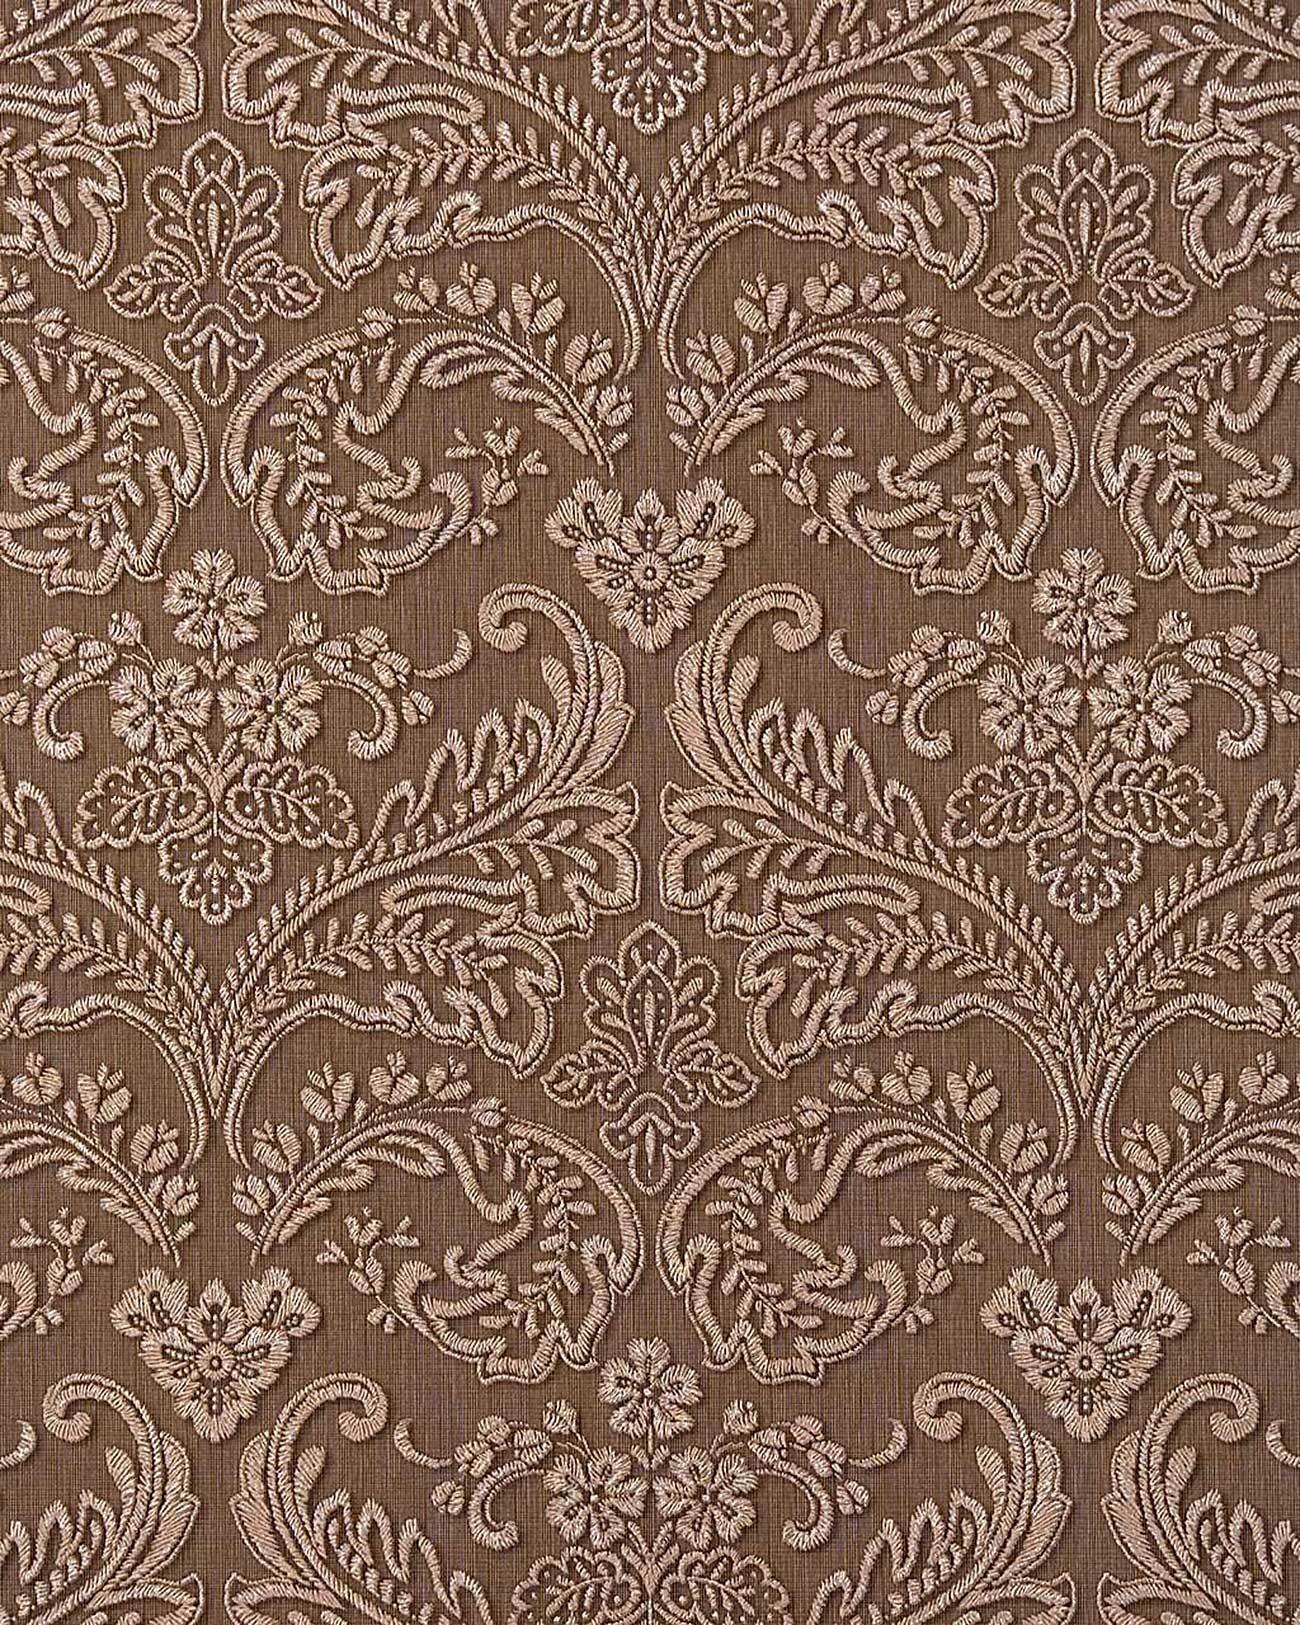 edem 755 25 3d barock pr ge tapete damask braun platin. Black Bedroom Furniture Sets. Home Design Ideas